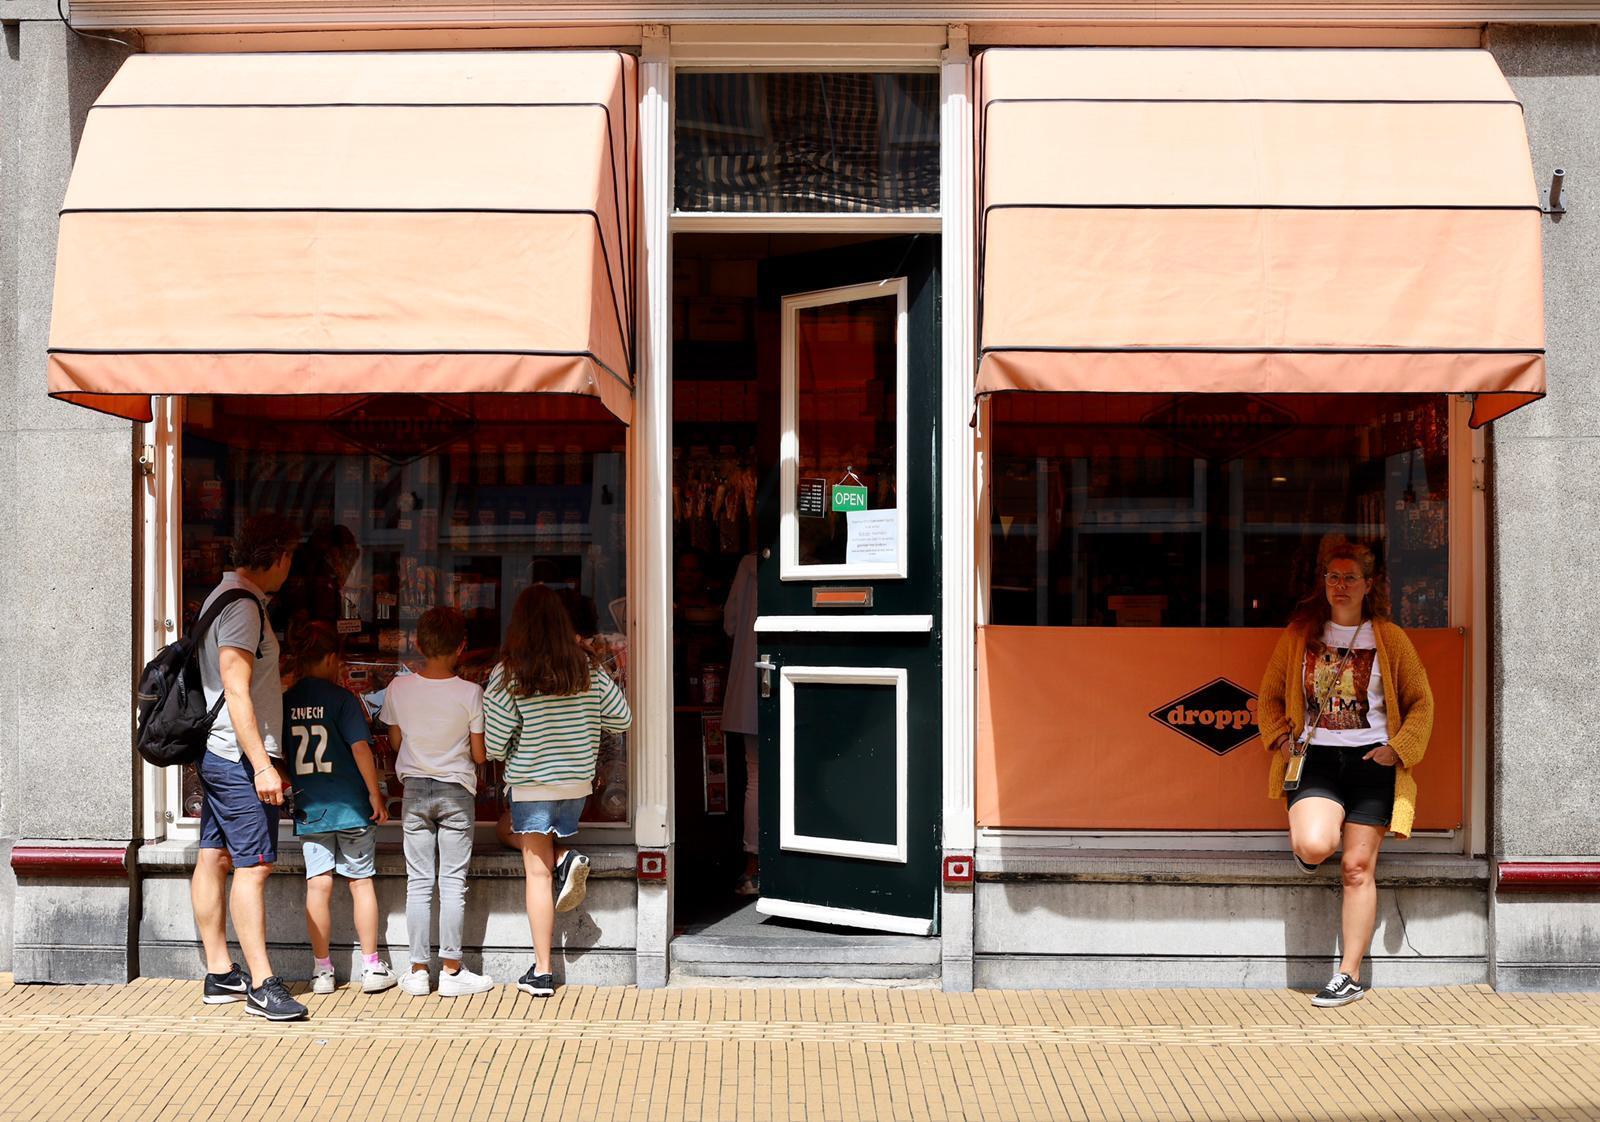 Dropjeswinkel Groningen